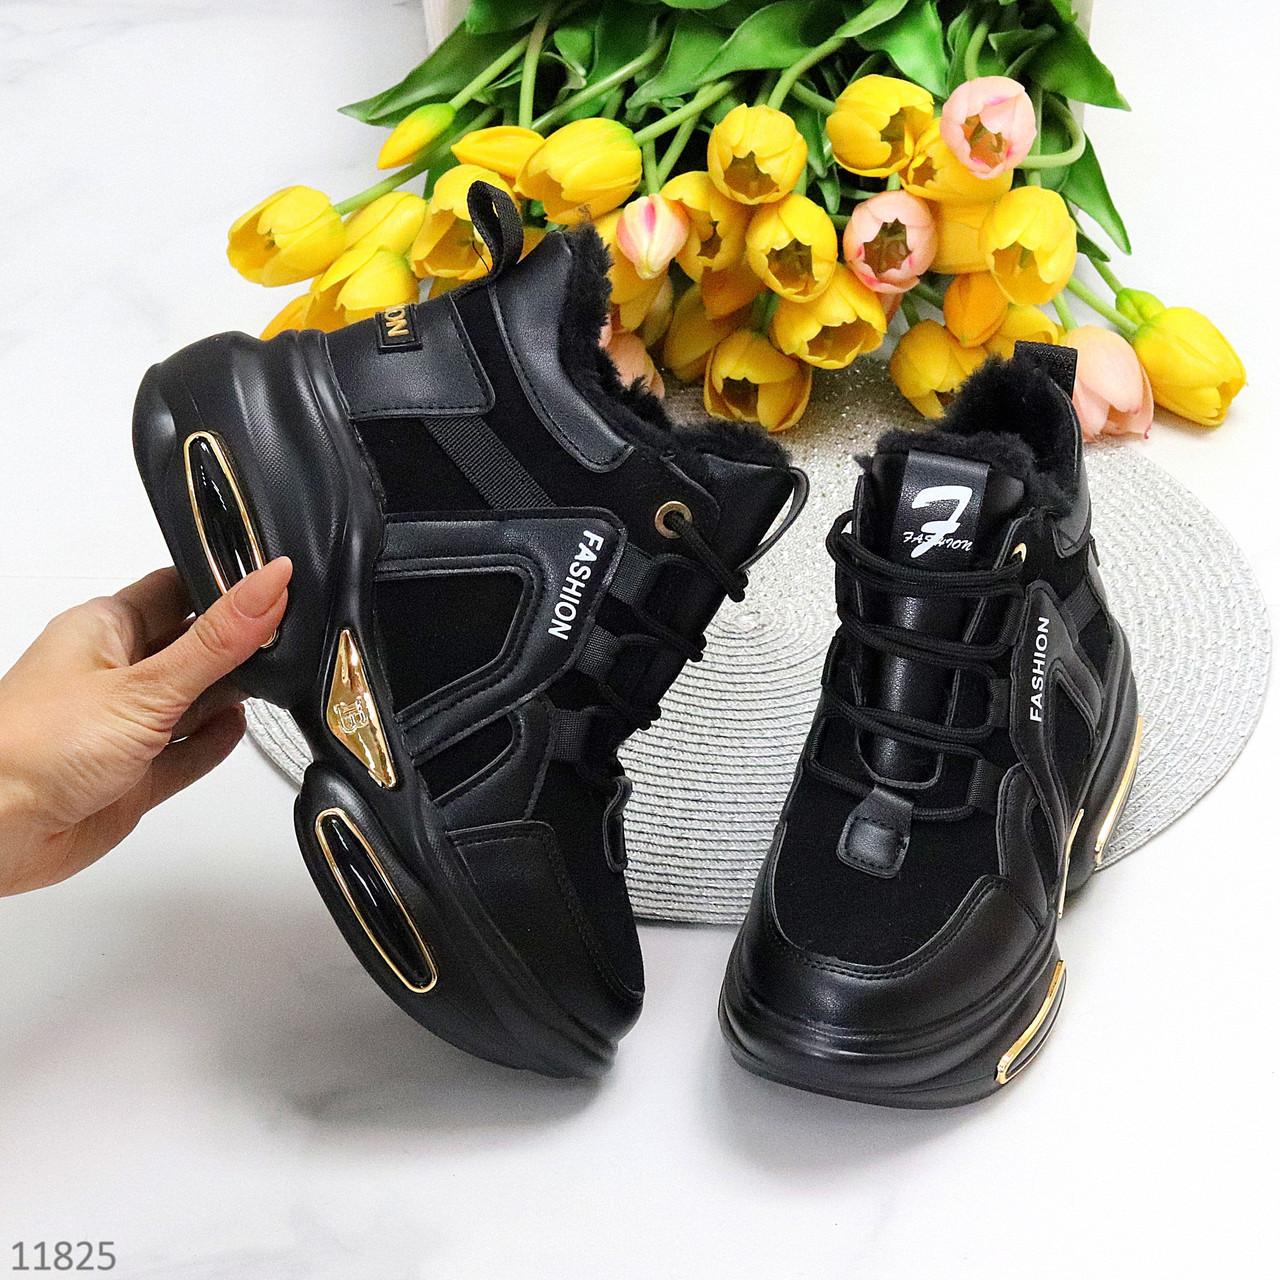 Круті чорні жіночі зимові кросівки снікерси в асортименті 36-23см